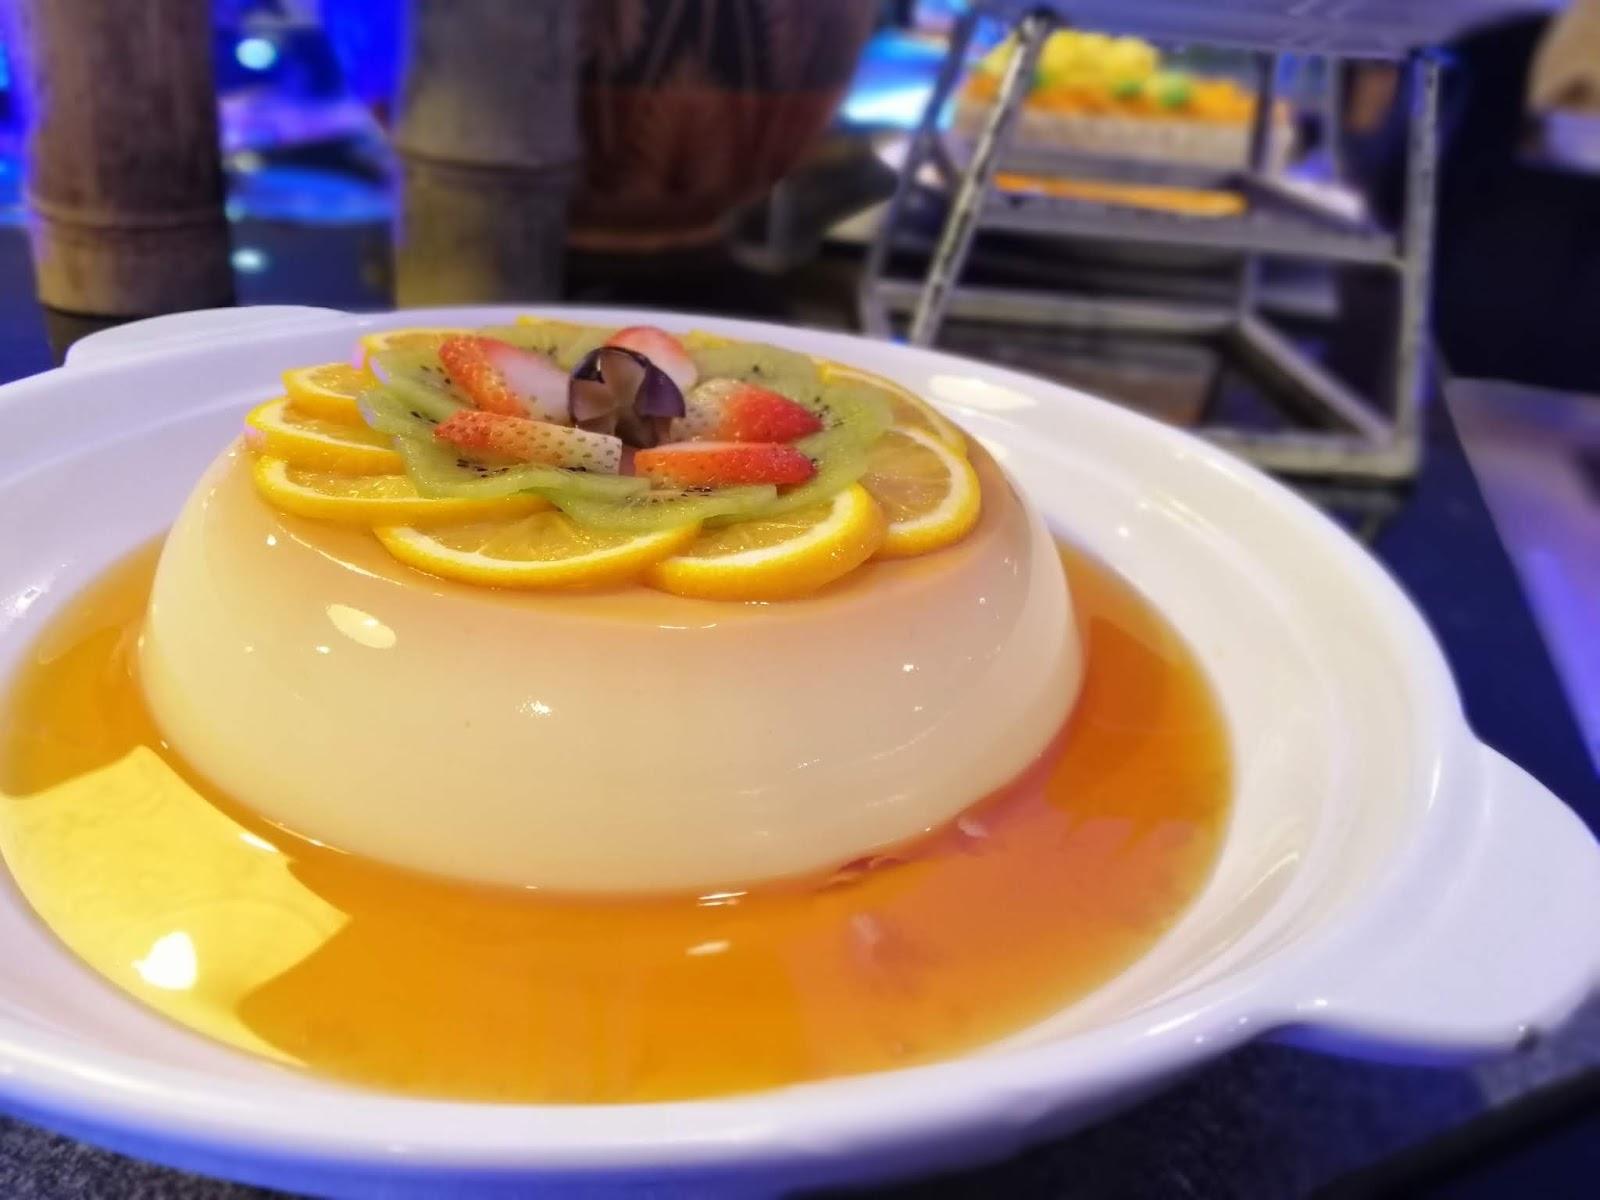 buffet ramadan ipoh, buffet below rm60, buffet buka puasa, menu berbuka puasa, tempat sedap buka puasa ipoh, Semarak Rasa Tower Ramadhan Buffet di Hotel Tower Regency, Ipoh